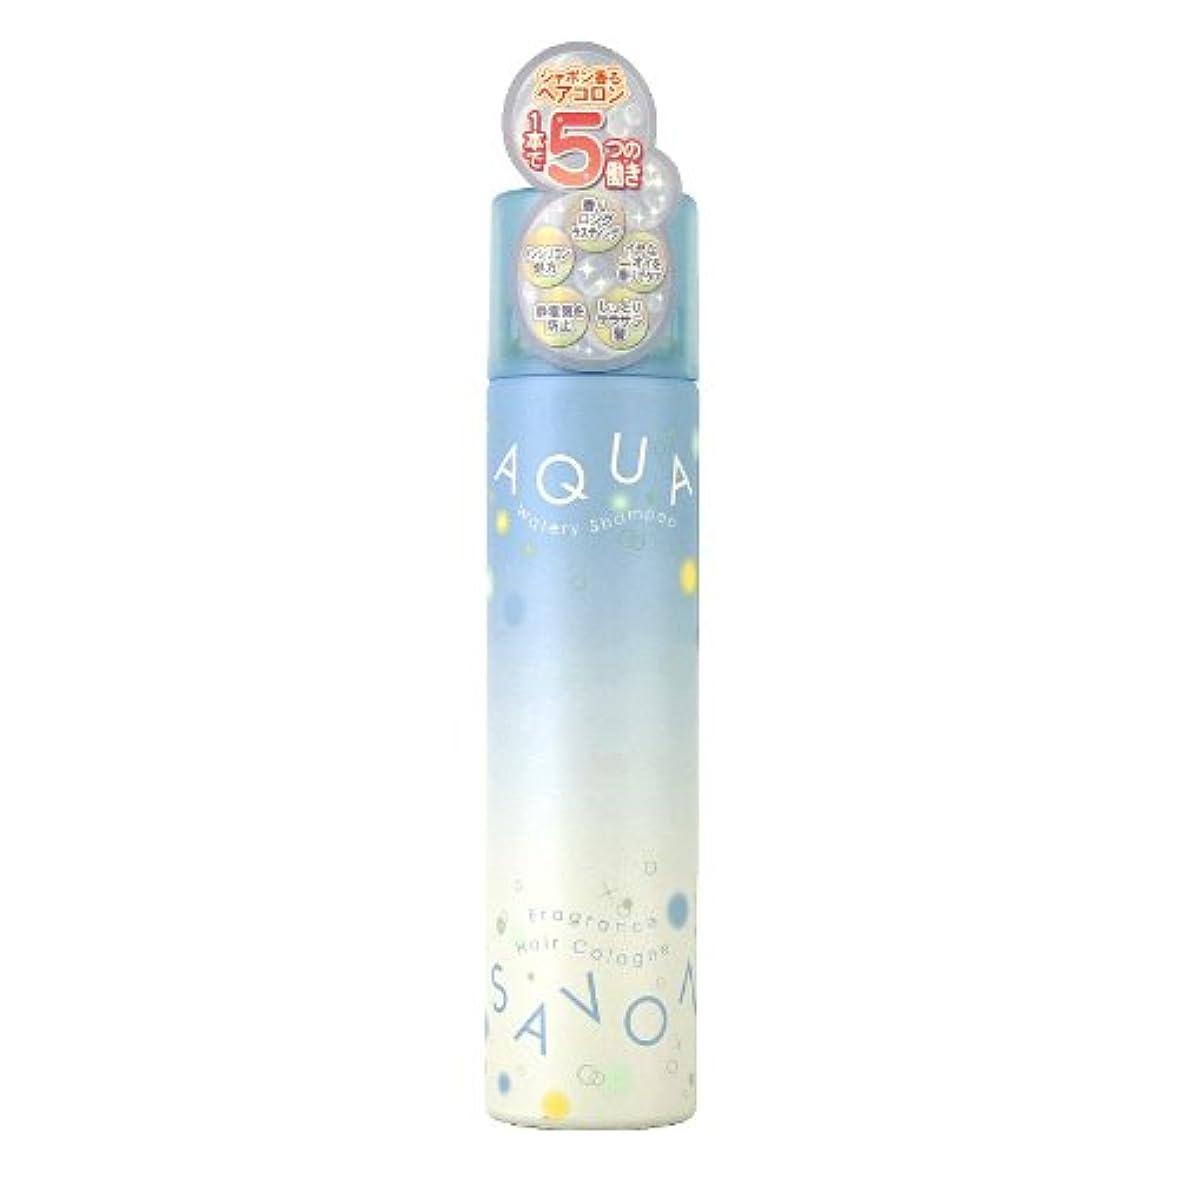 ビザお互いカートリッジアクアシャボン ヘアコロン13A ウォータリーシャンプーの香り 80g